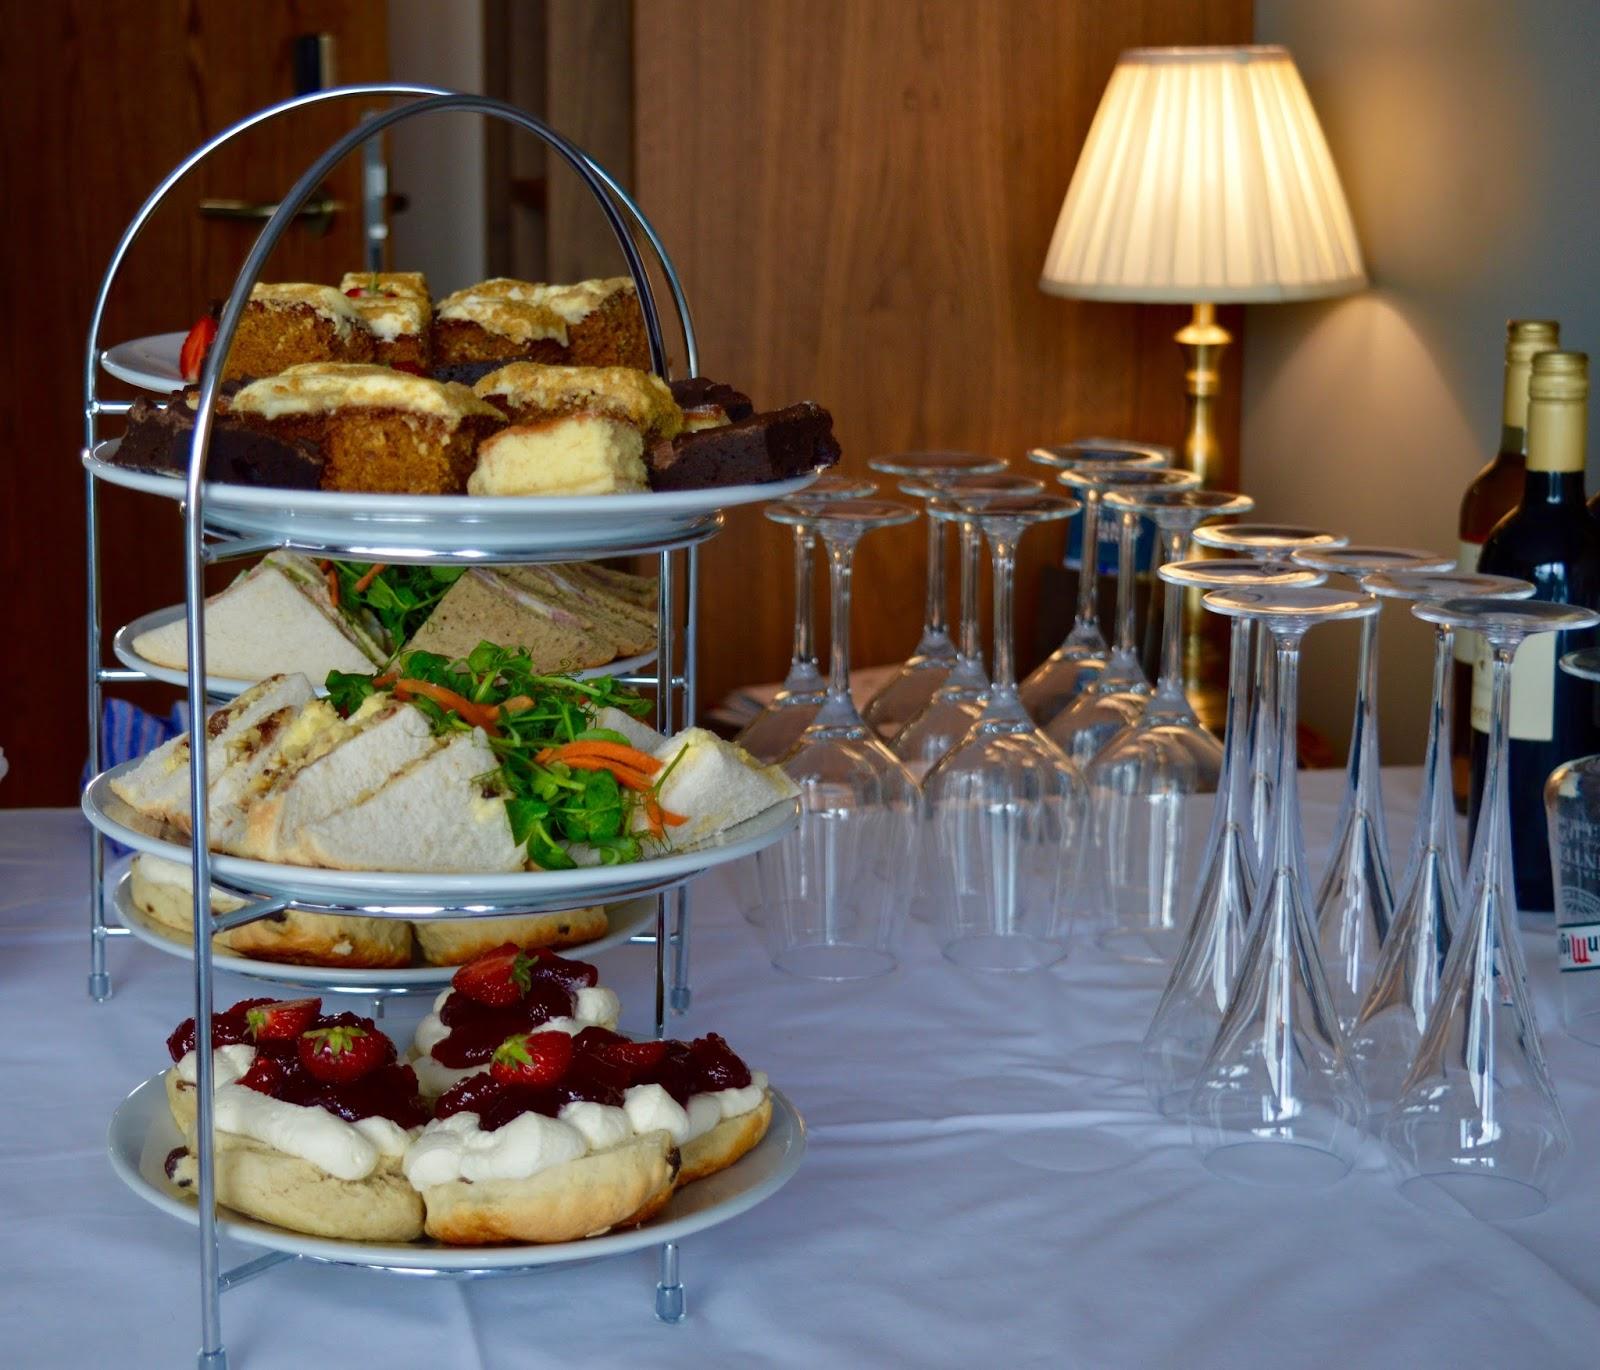 Tall Ships Regatta | Blyth 2016 | Commissioners Quay Inn - afternoon tea